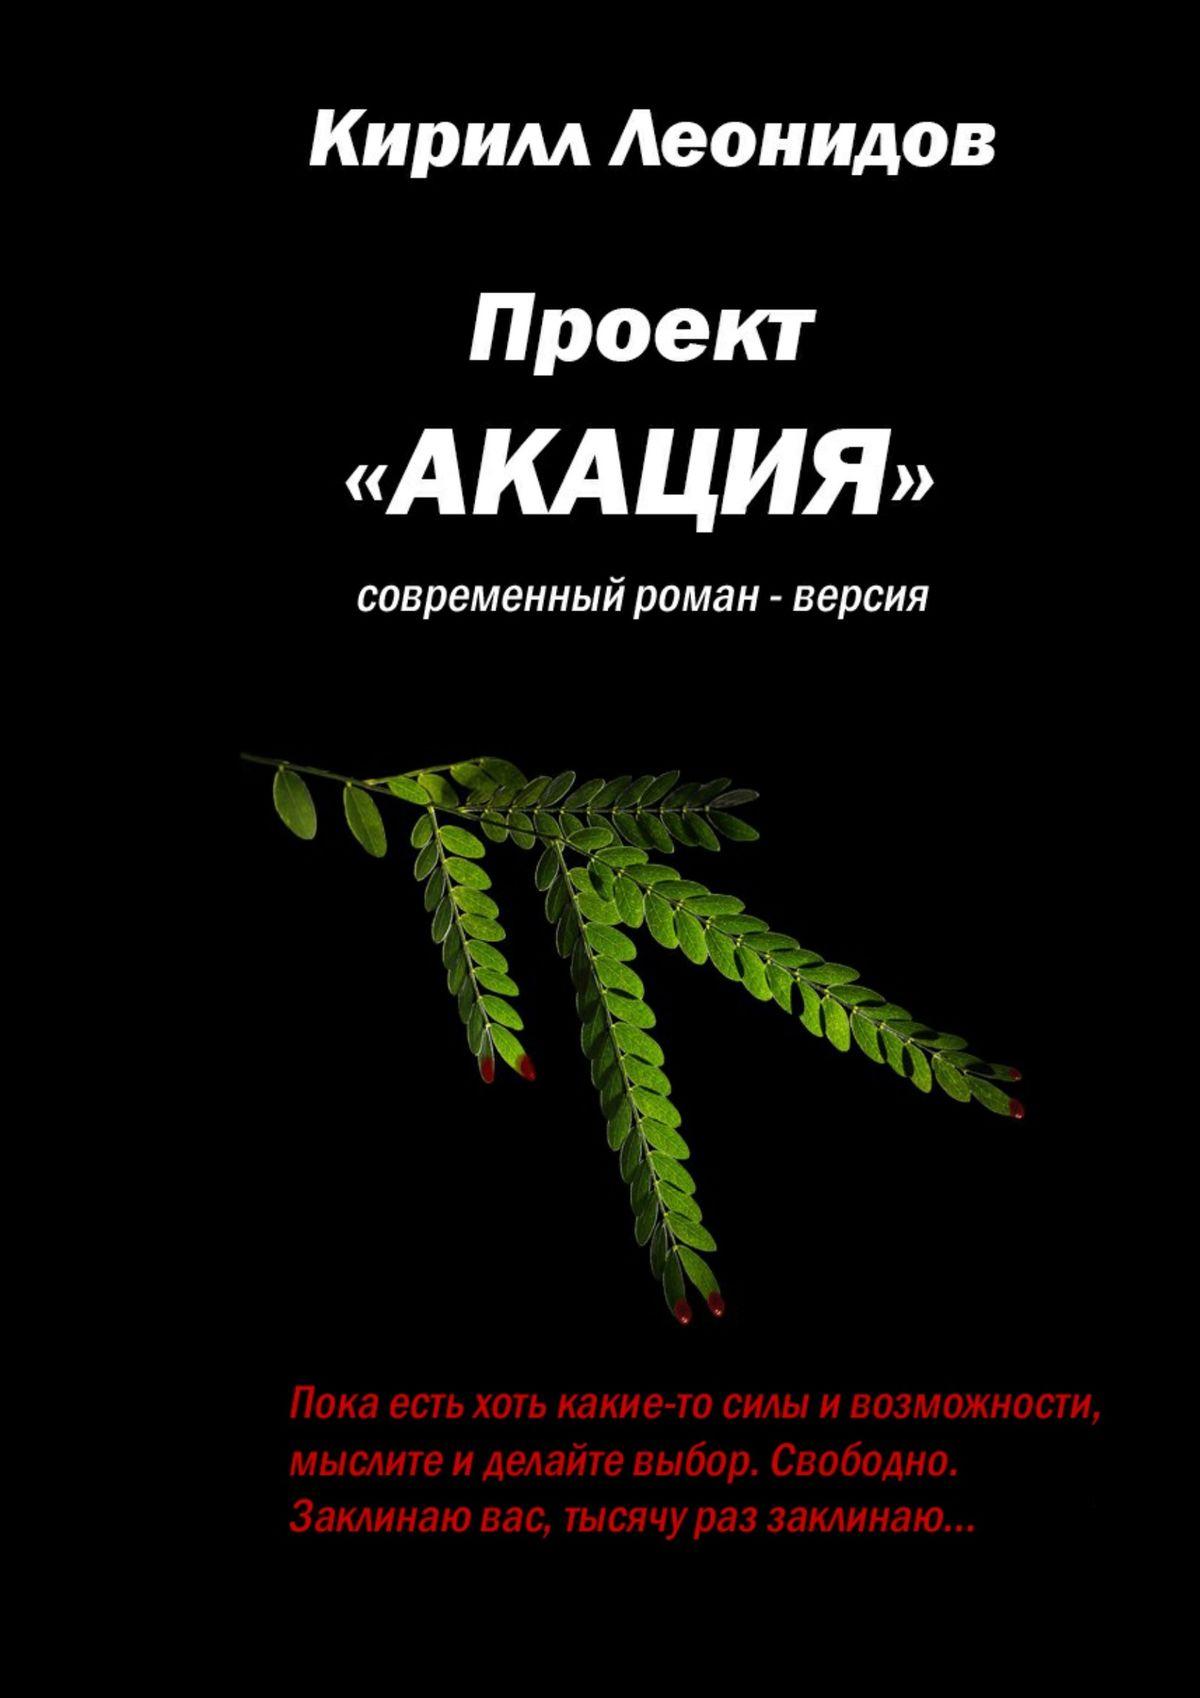 Проект «Акация». Современный роман-версия